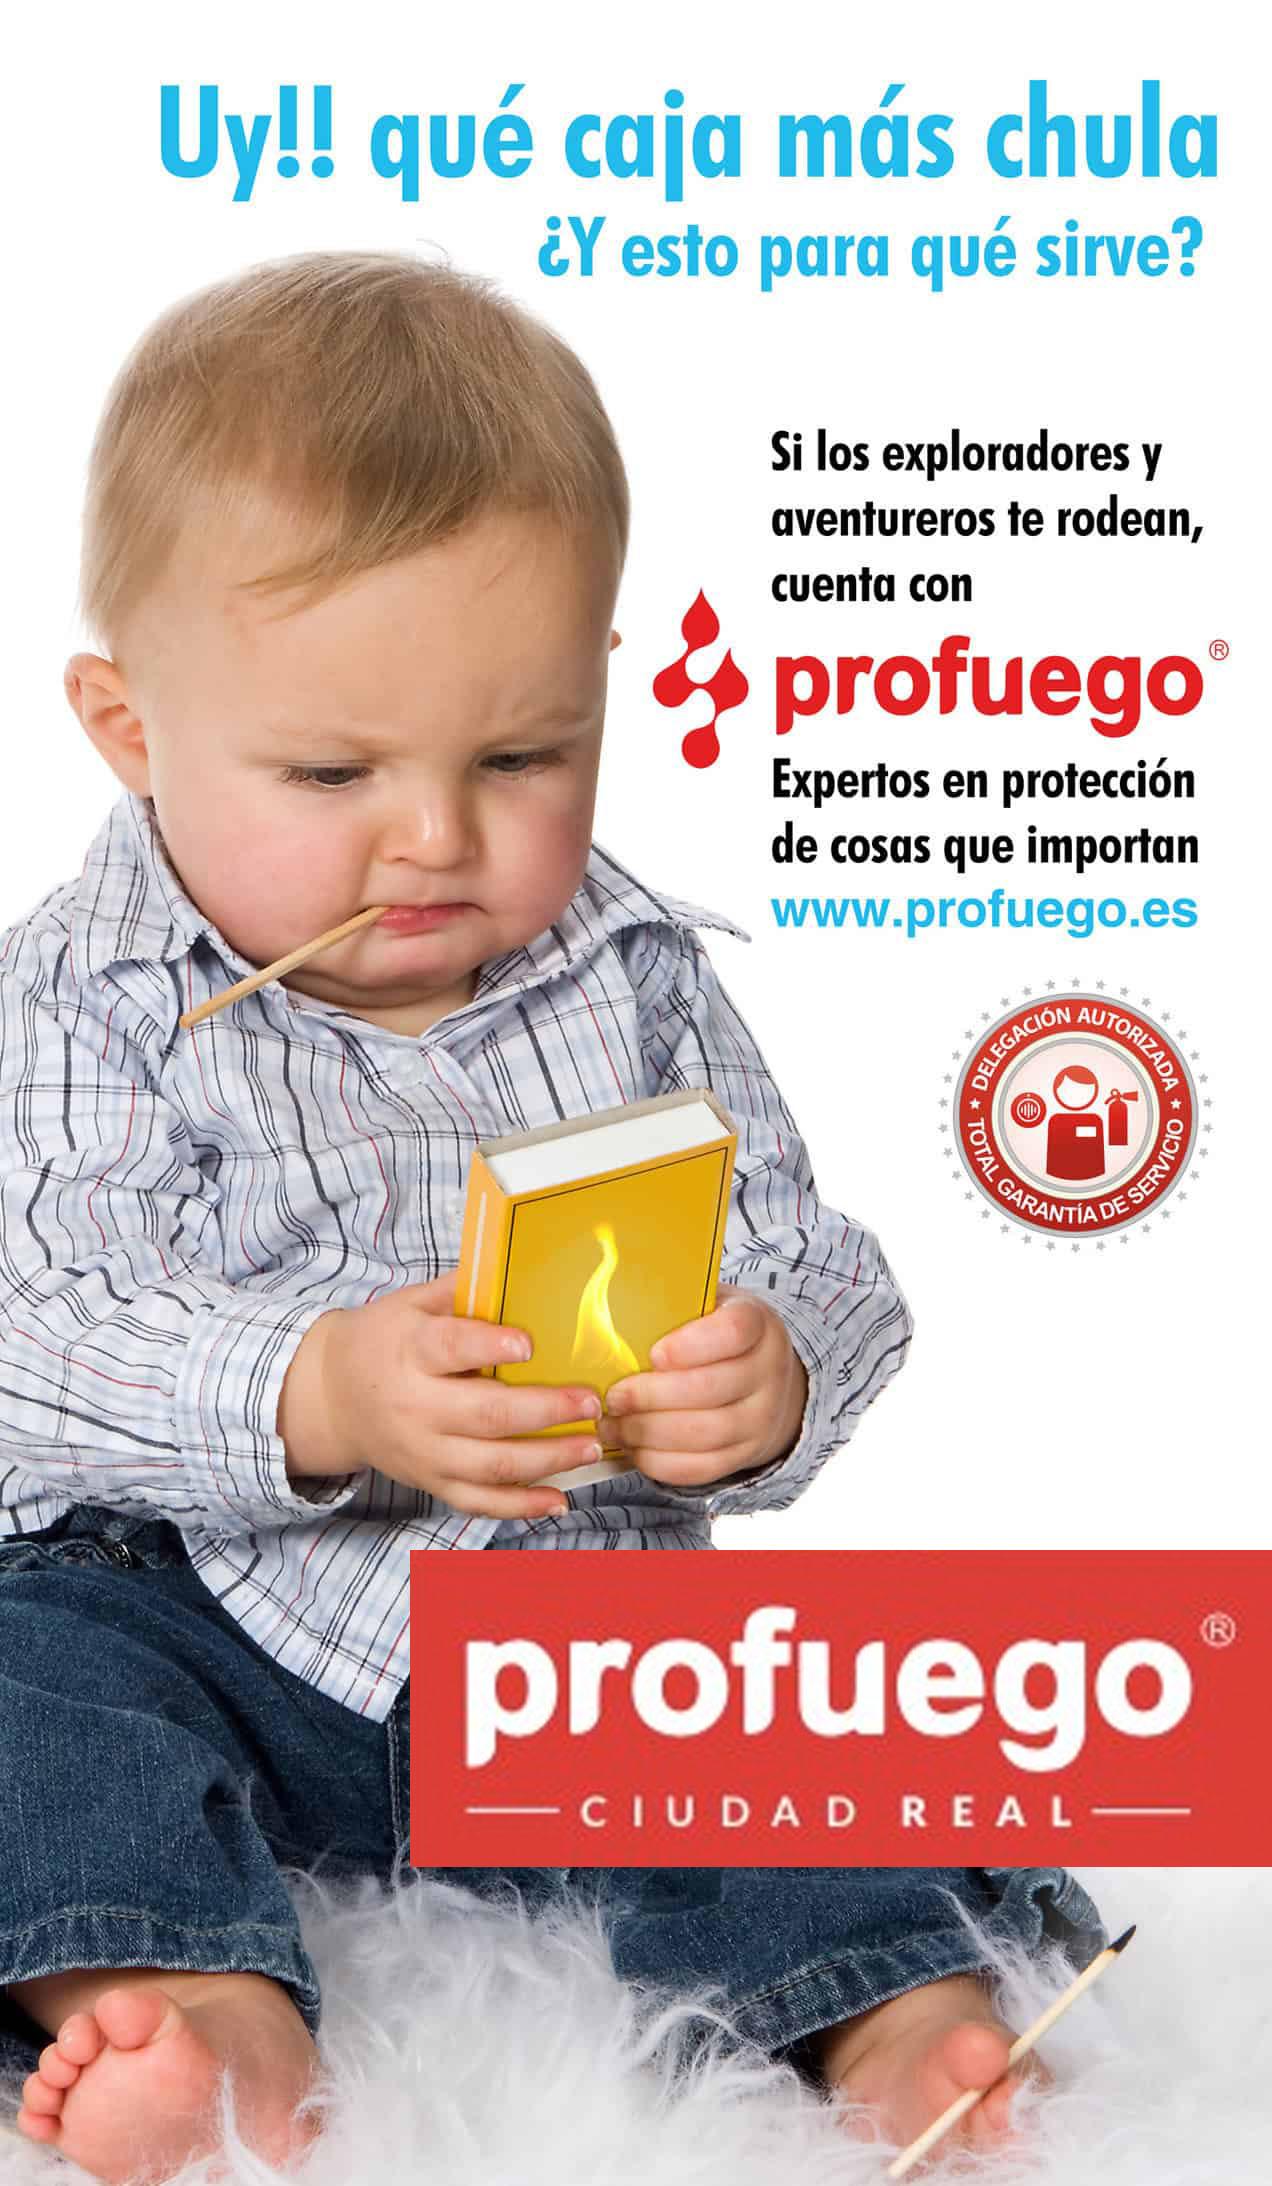 Extintores Ciudad Real. Comprar Extintores en Ciudad Real. 1